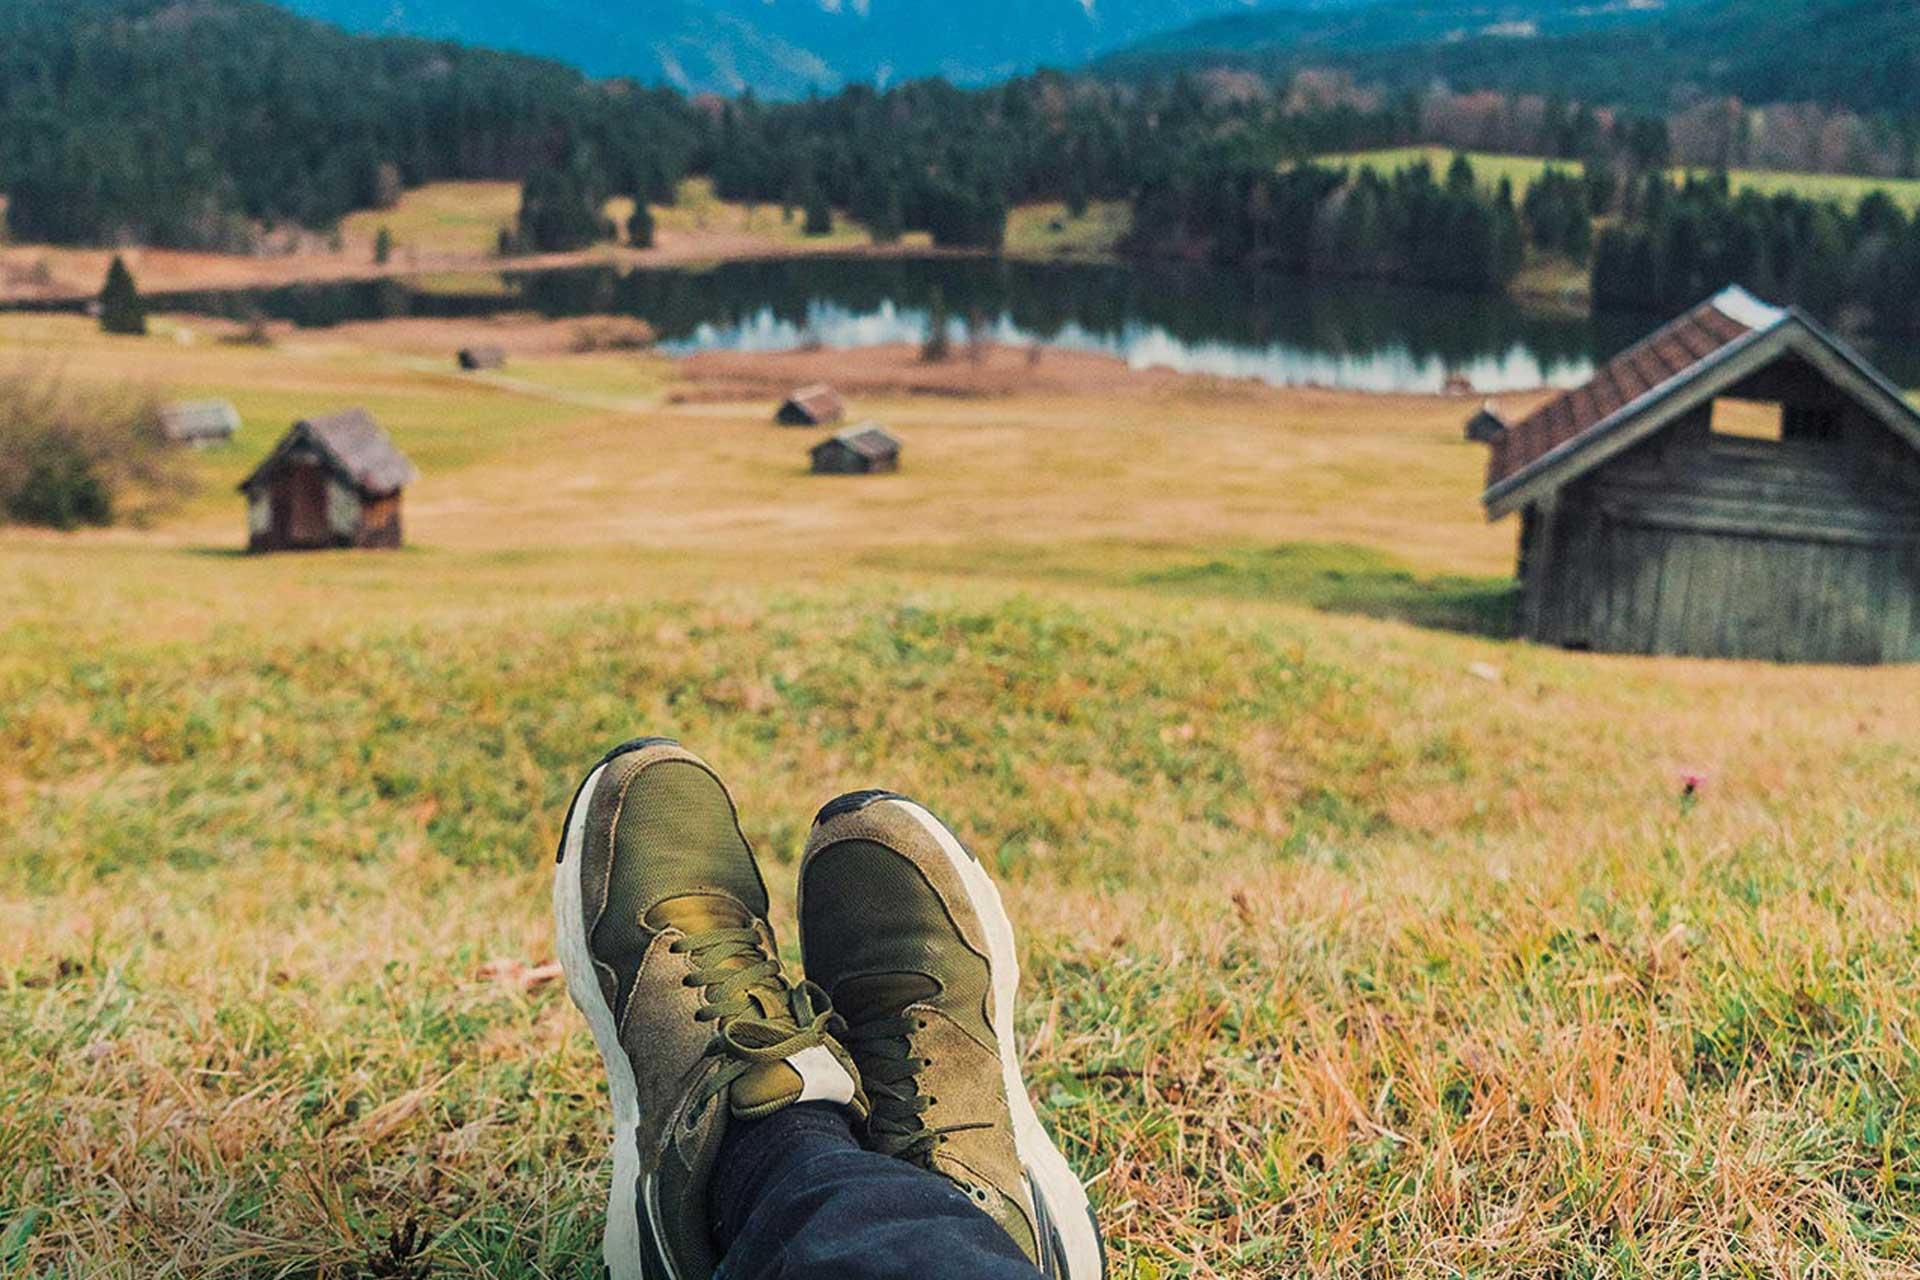 Füße in Olivgrünen Füßen vor dem Hintregrund einer Wiese mit Holzstadeln.